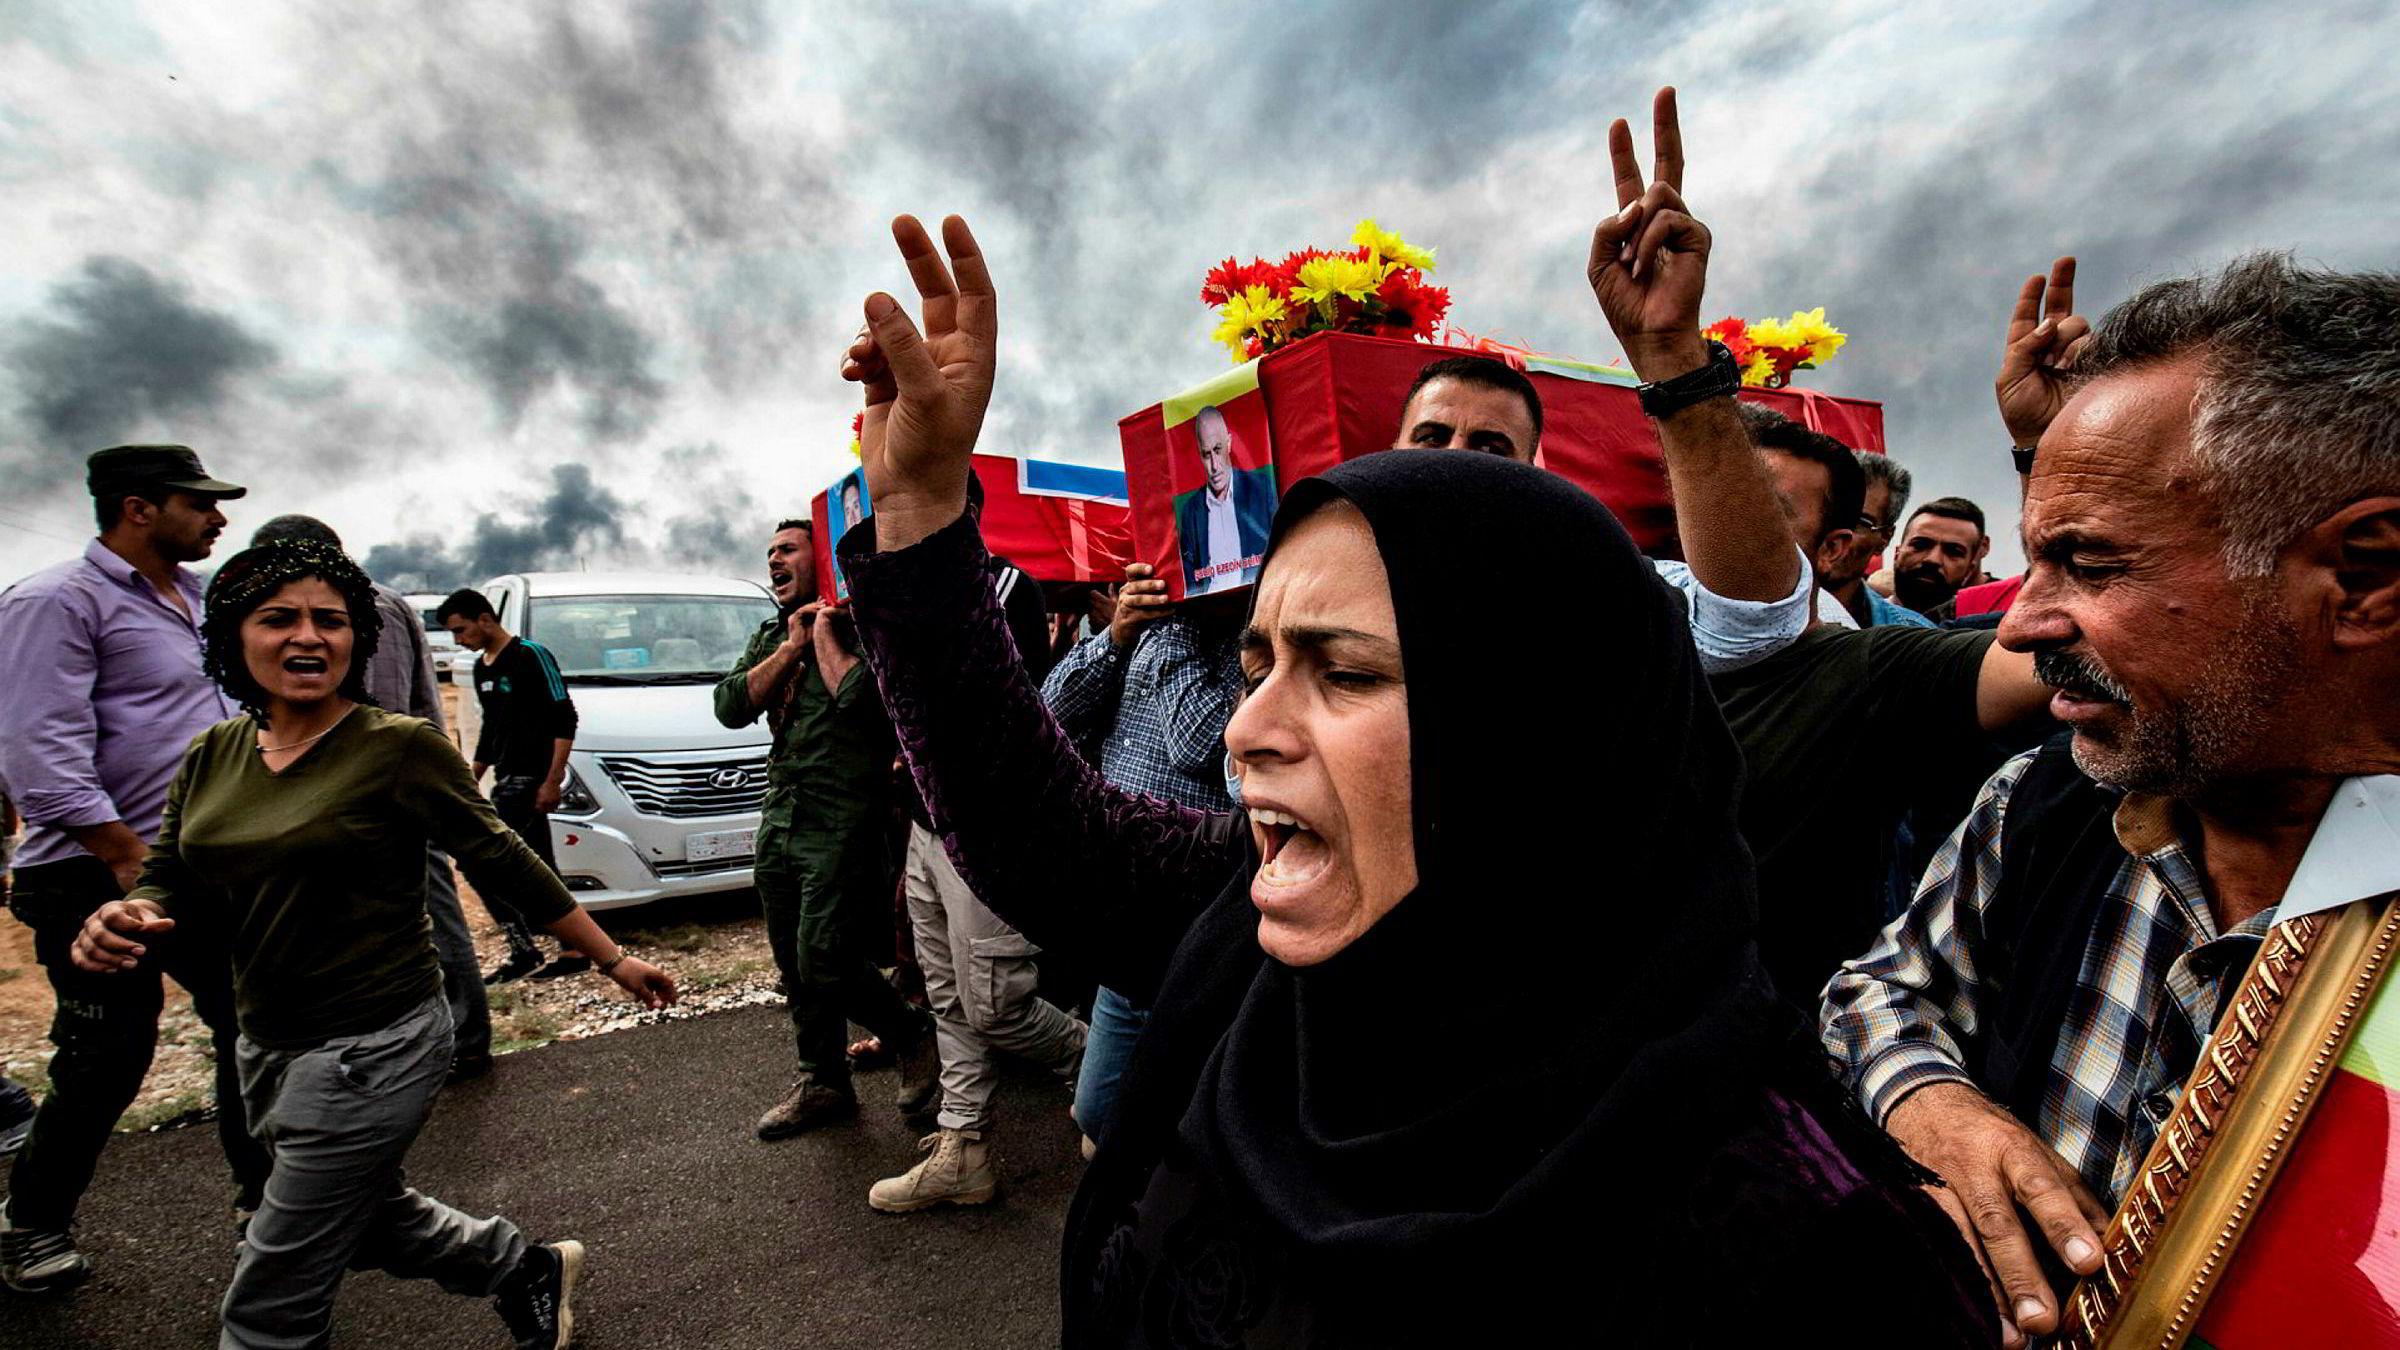 Sørgende deltar i begravelsen til drepte kurdiske soldater ved grensebyen Ras al-Ain, nord i Syria. Tyrkiske og kurdiske ledere anklager hverandre for å bryte våpenhvilen.